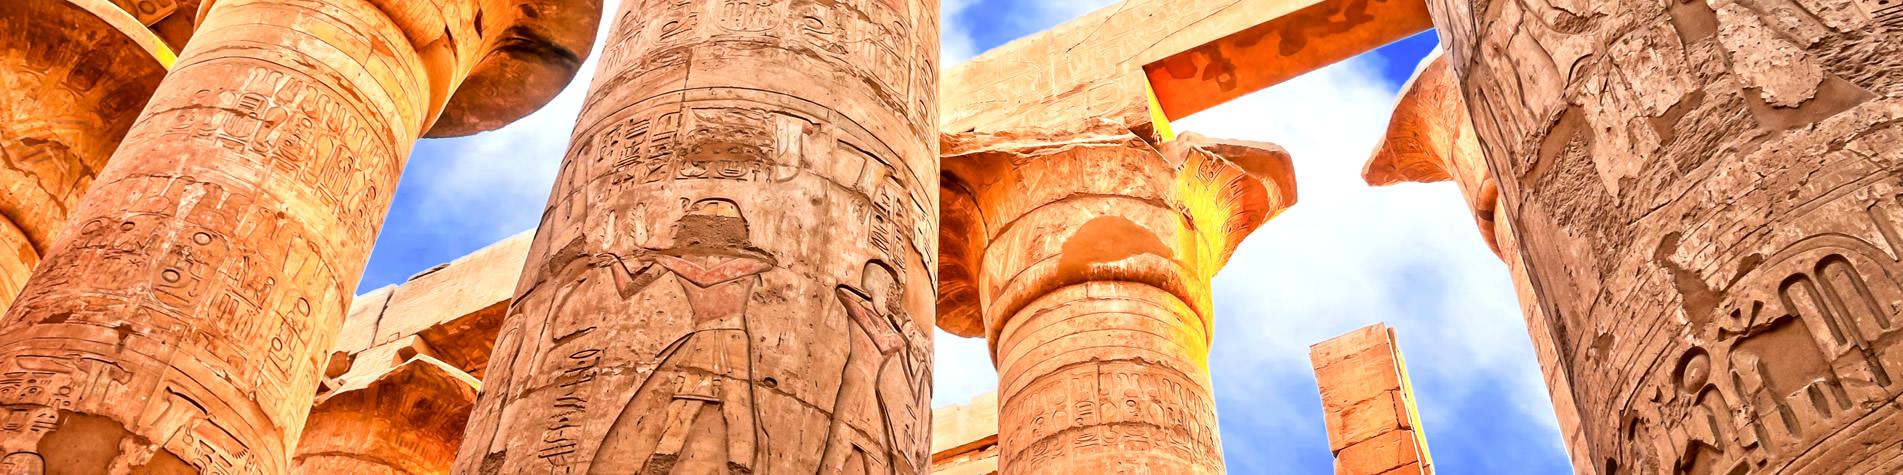 Nile Cruise Holidays with Cyplon Holidays